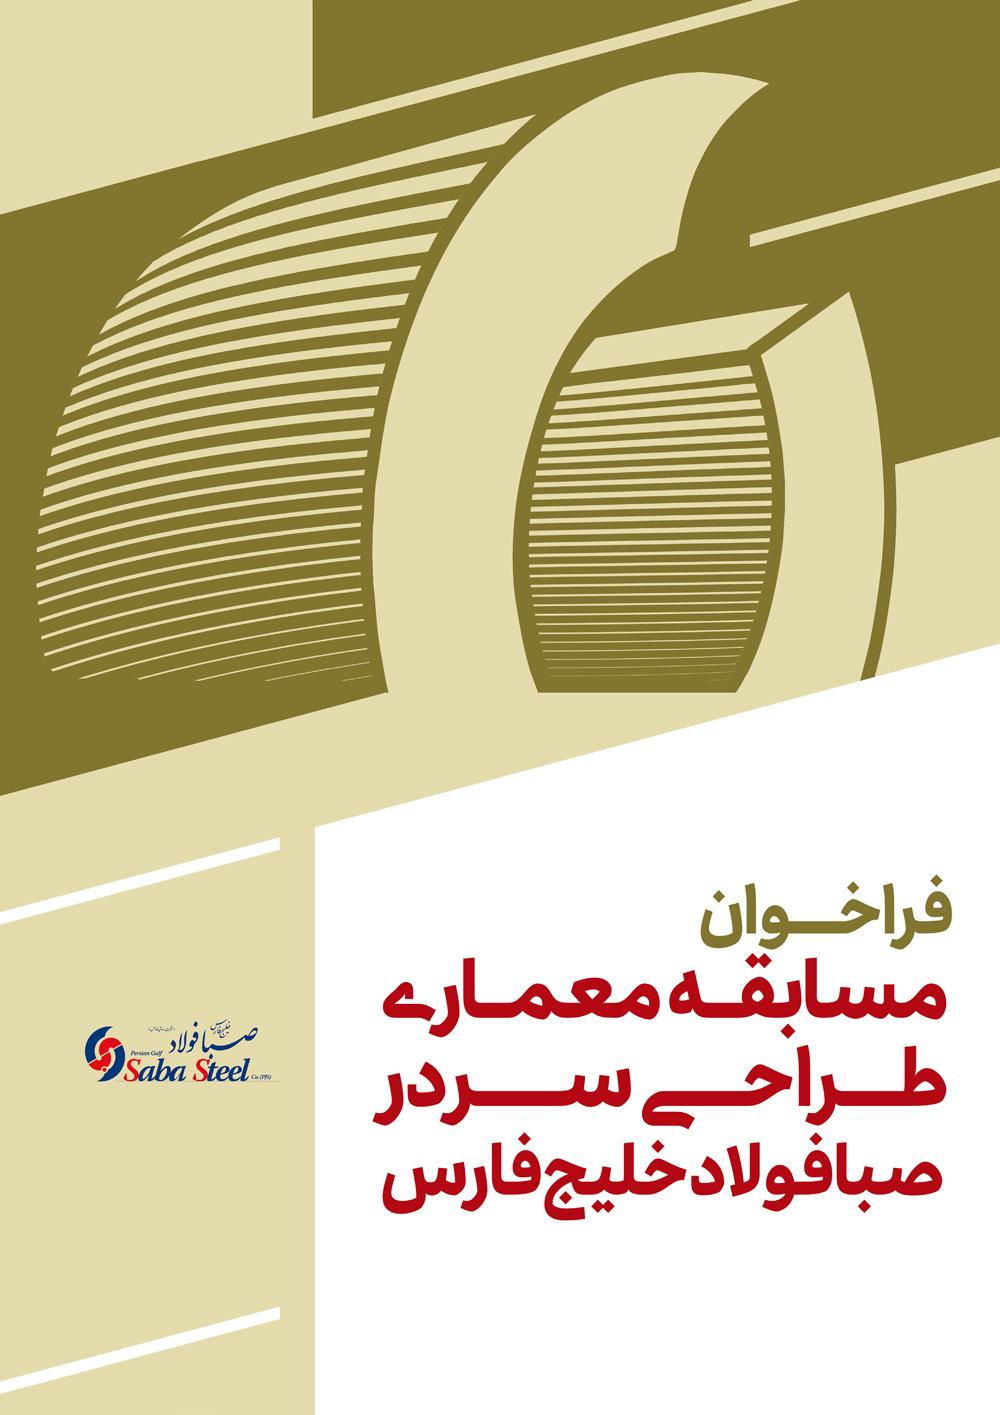 فراخوان مسابقه معماری طراحی سردر مجتمع شرکت صبا فولاد خلیج فارس